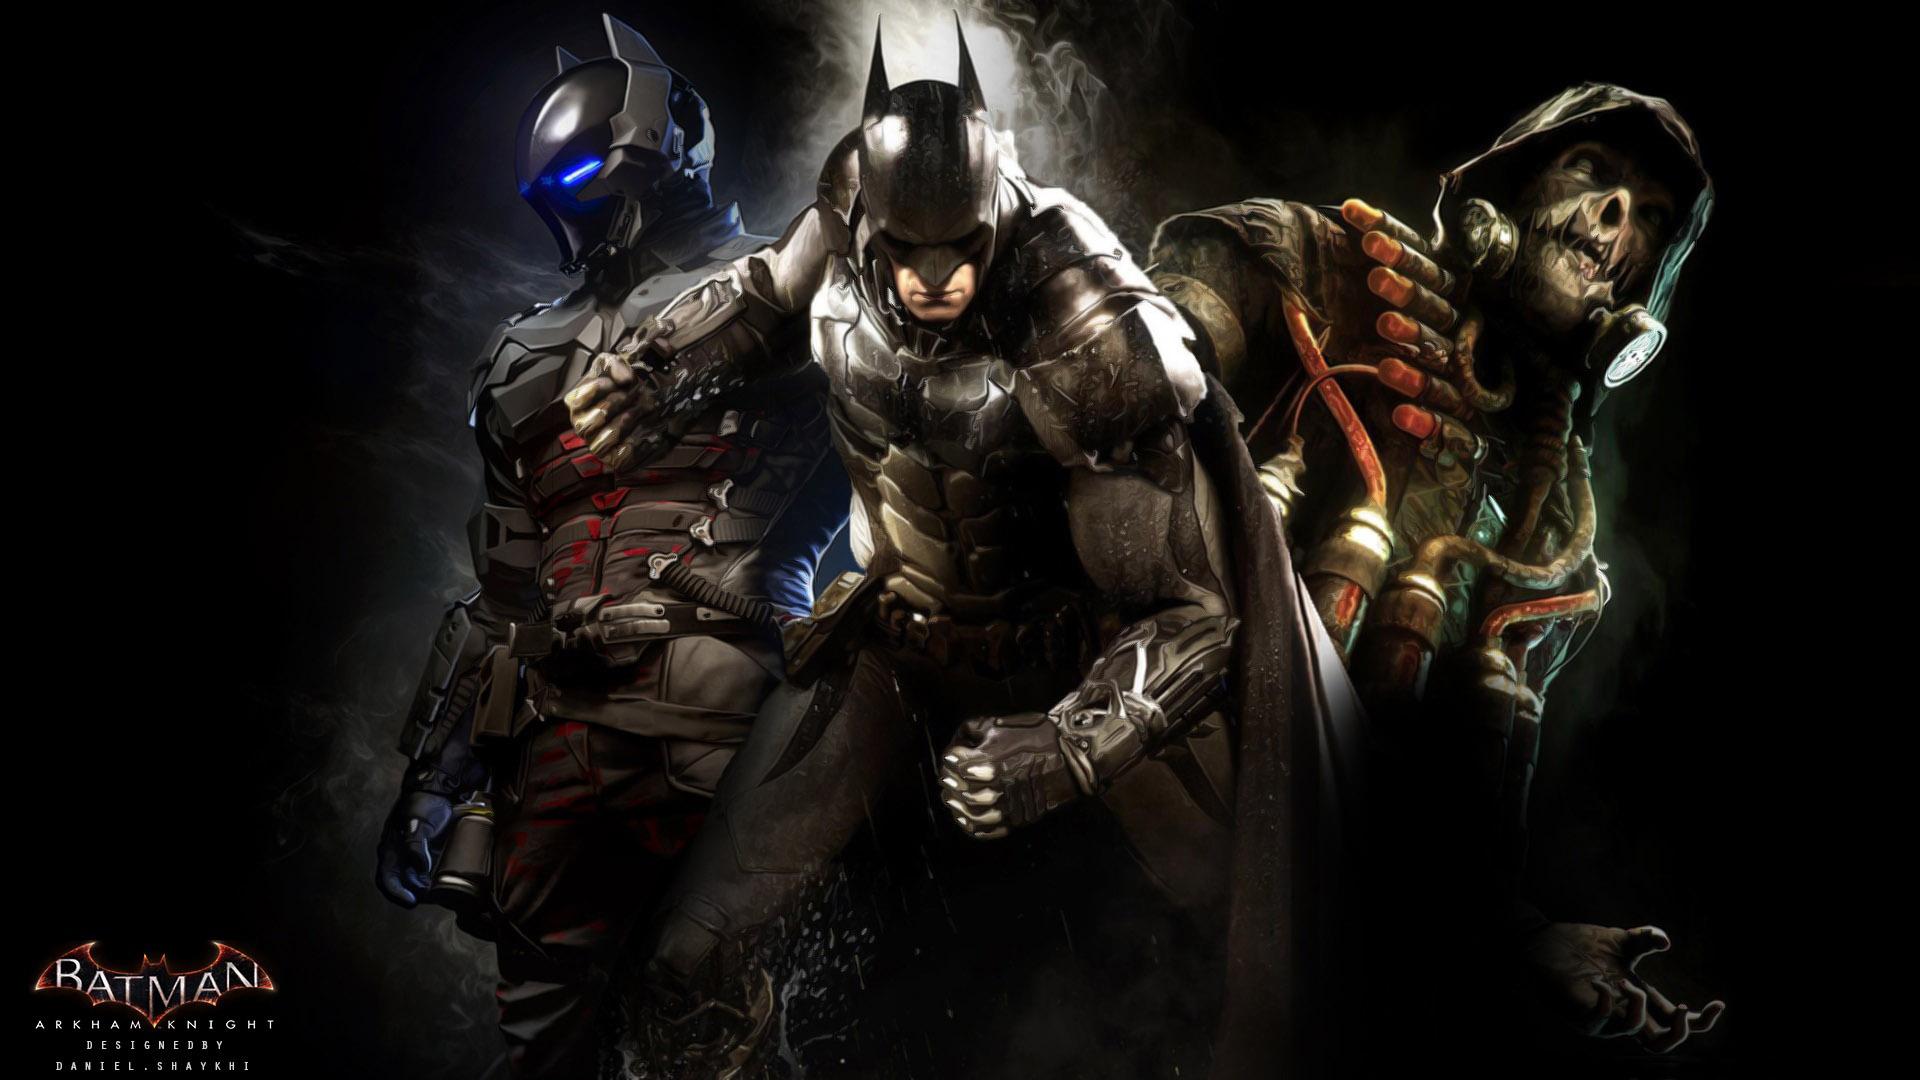 50 Set of Batman : Arkham Knight Wallpaper 1920 X 1080 HD